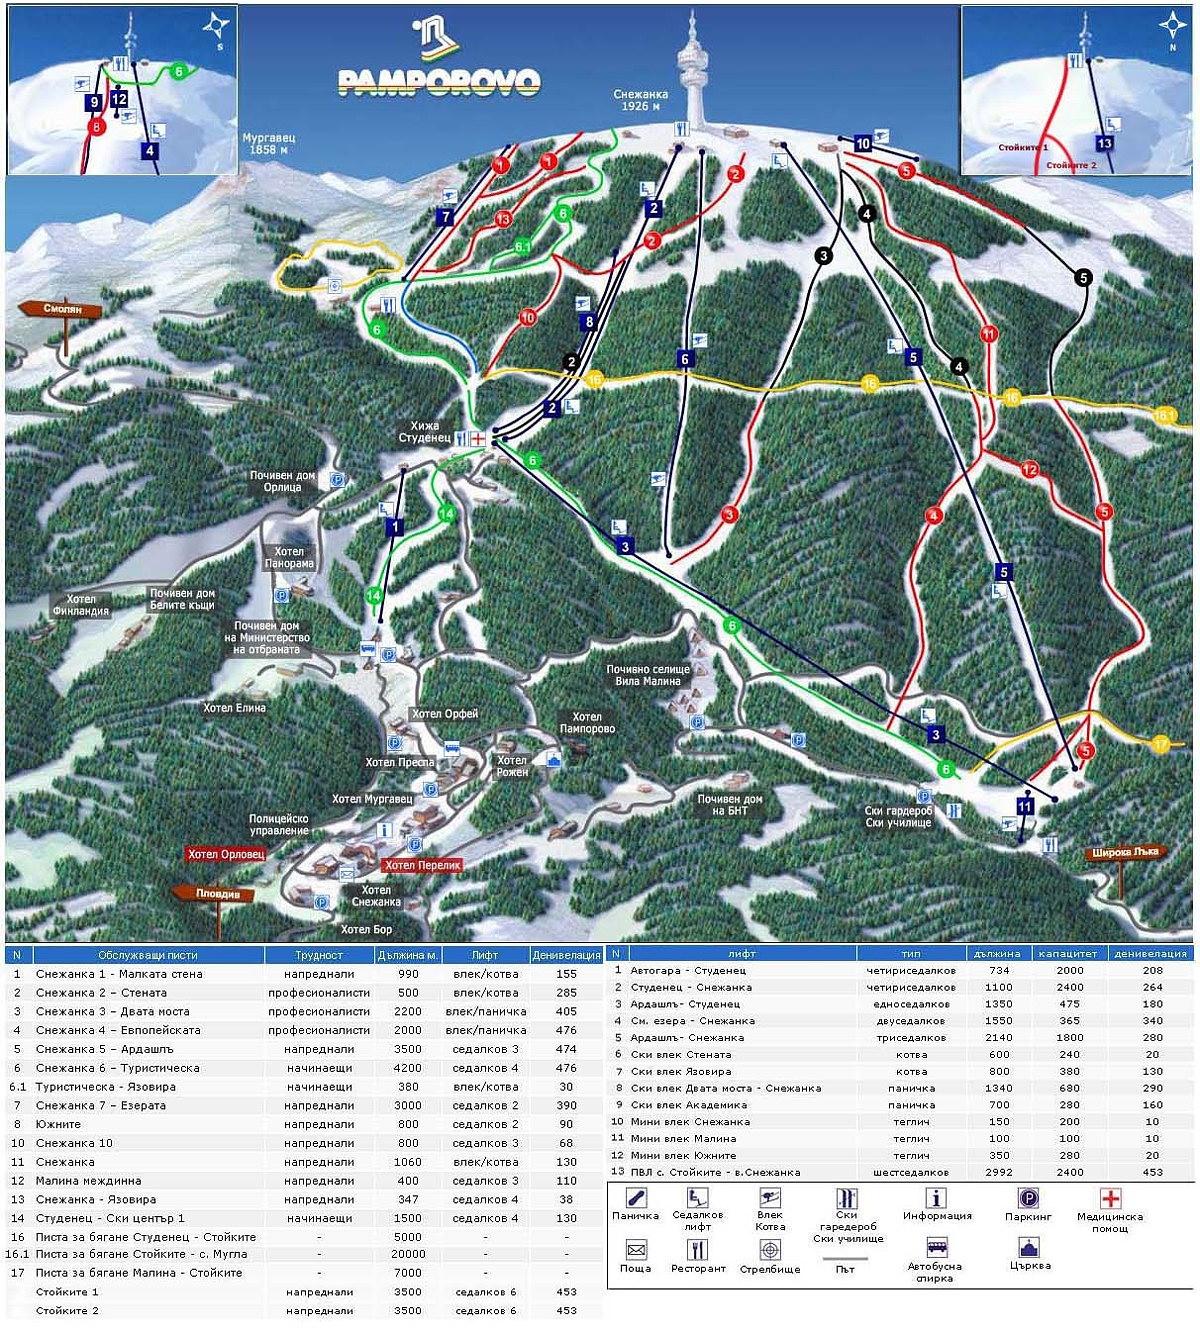 карта склонов в Пампорово, Болгария